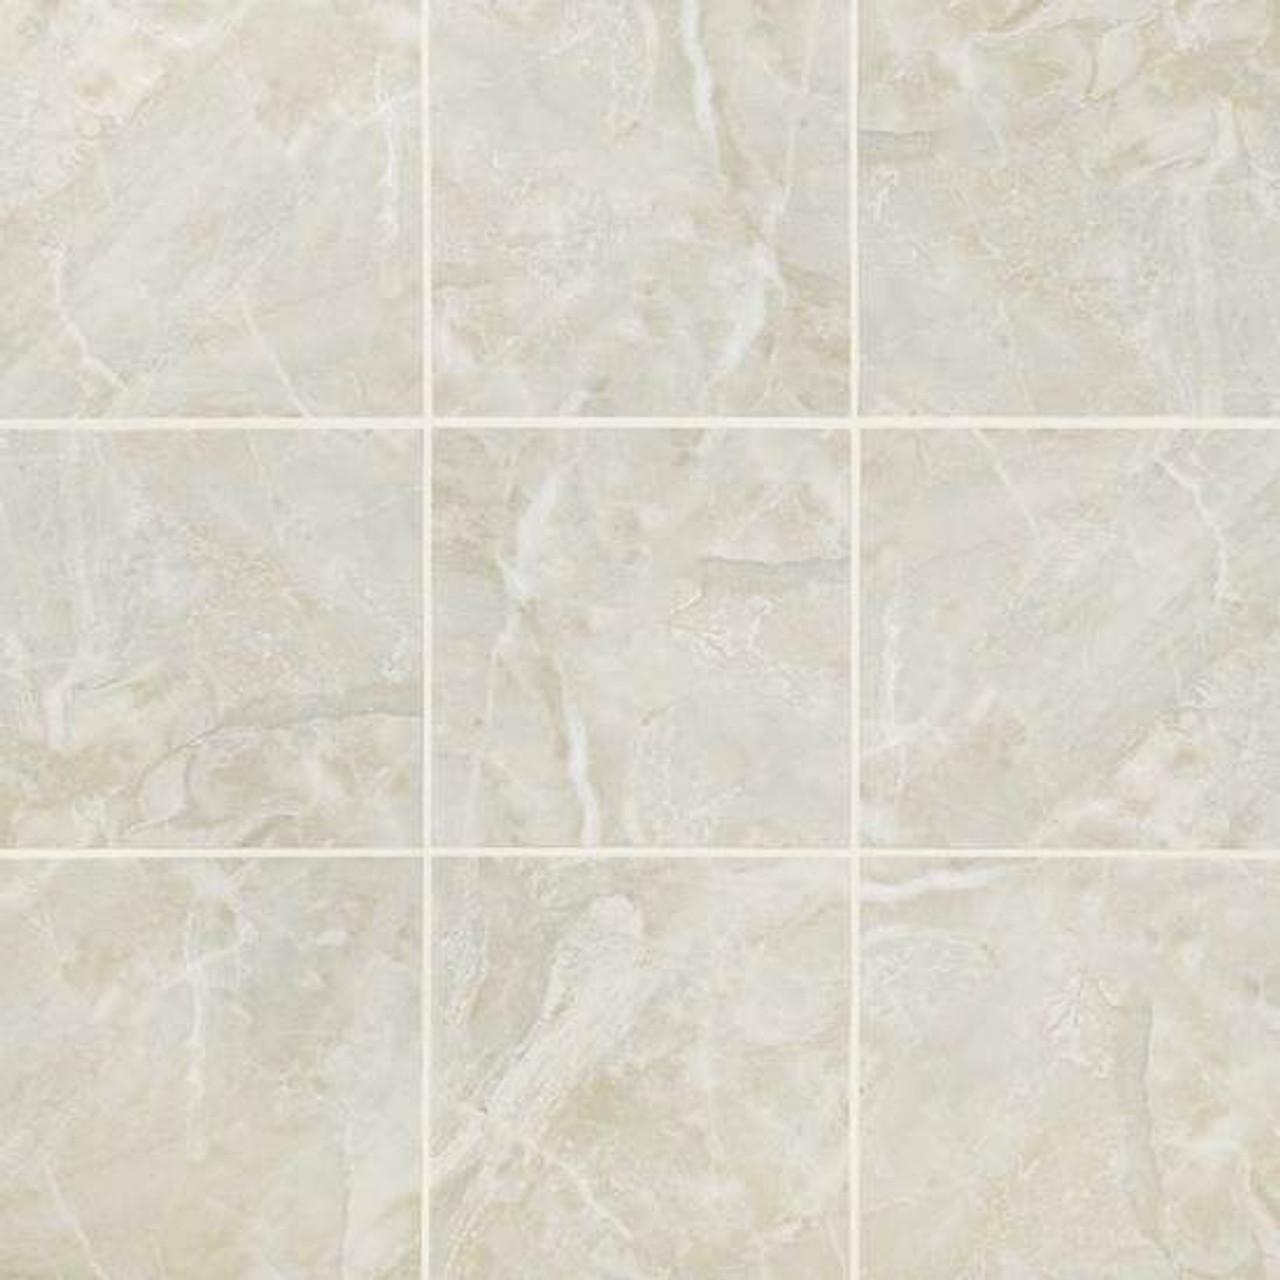 mirasol silver marble matte porcelain floor tile 24x24